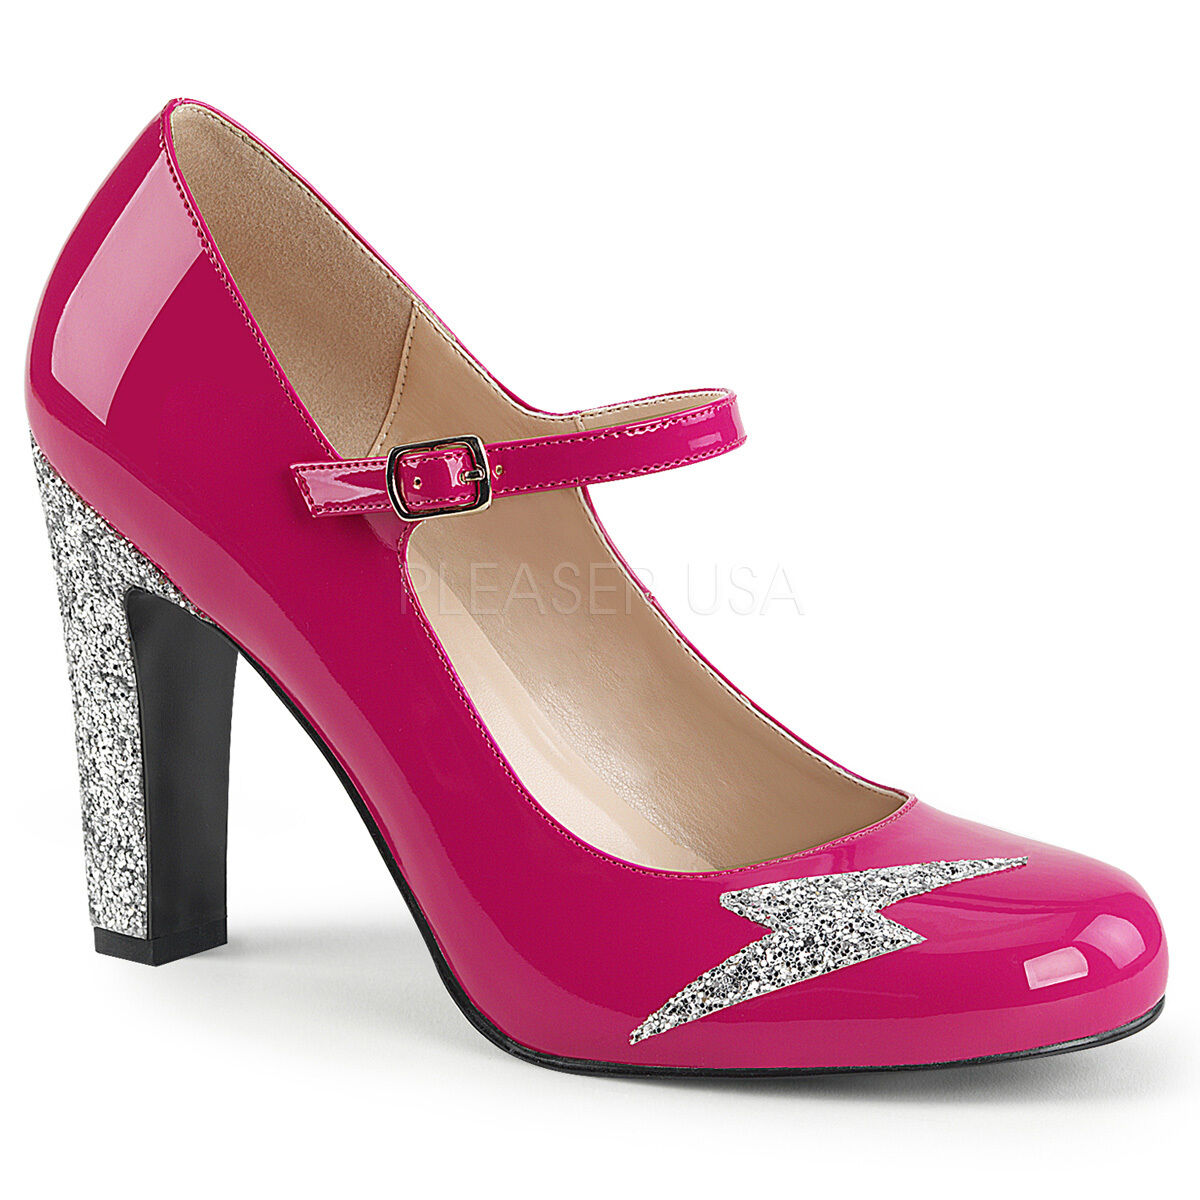 Sexy 4  High Heel Hot Rosa Mary Jane Pumps schuhe Lightning Bolt Silber Glitters